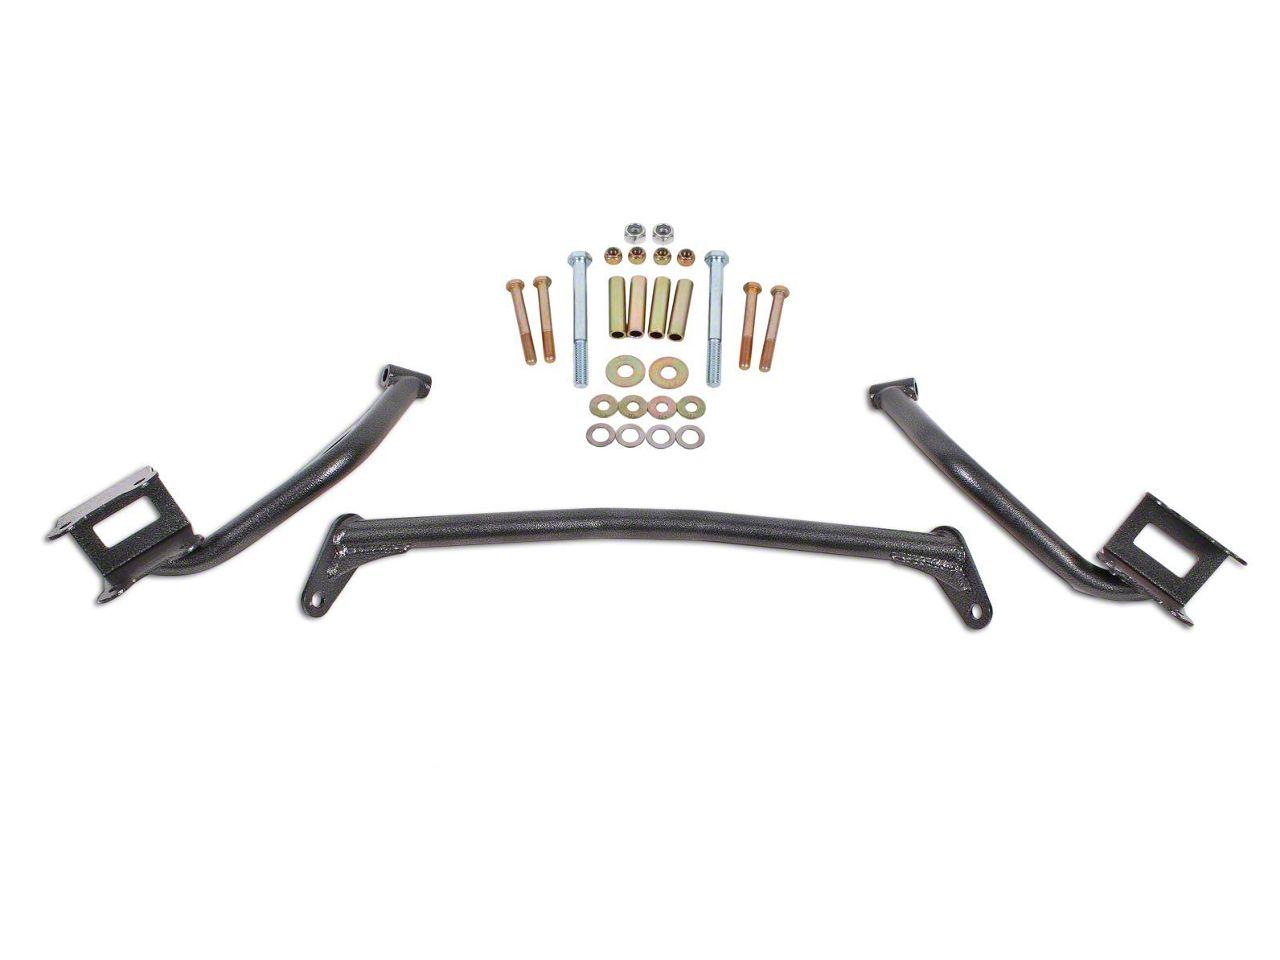 BMR Upper Torque Box Reinforcement Plates - Hammertone (79-04 All)